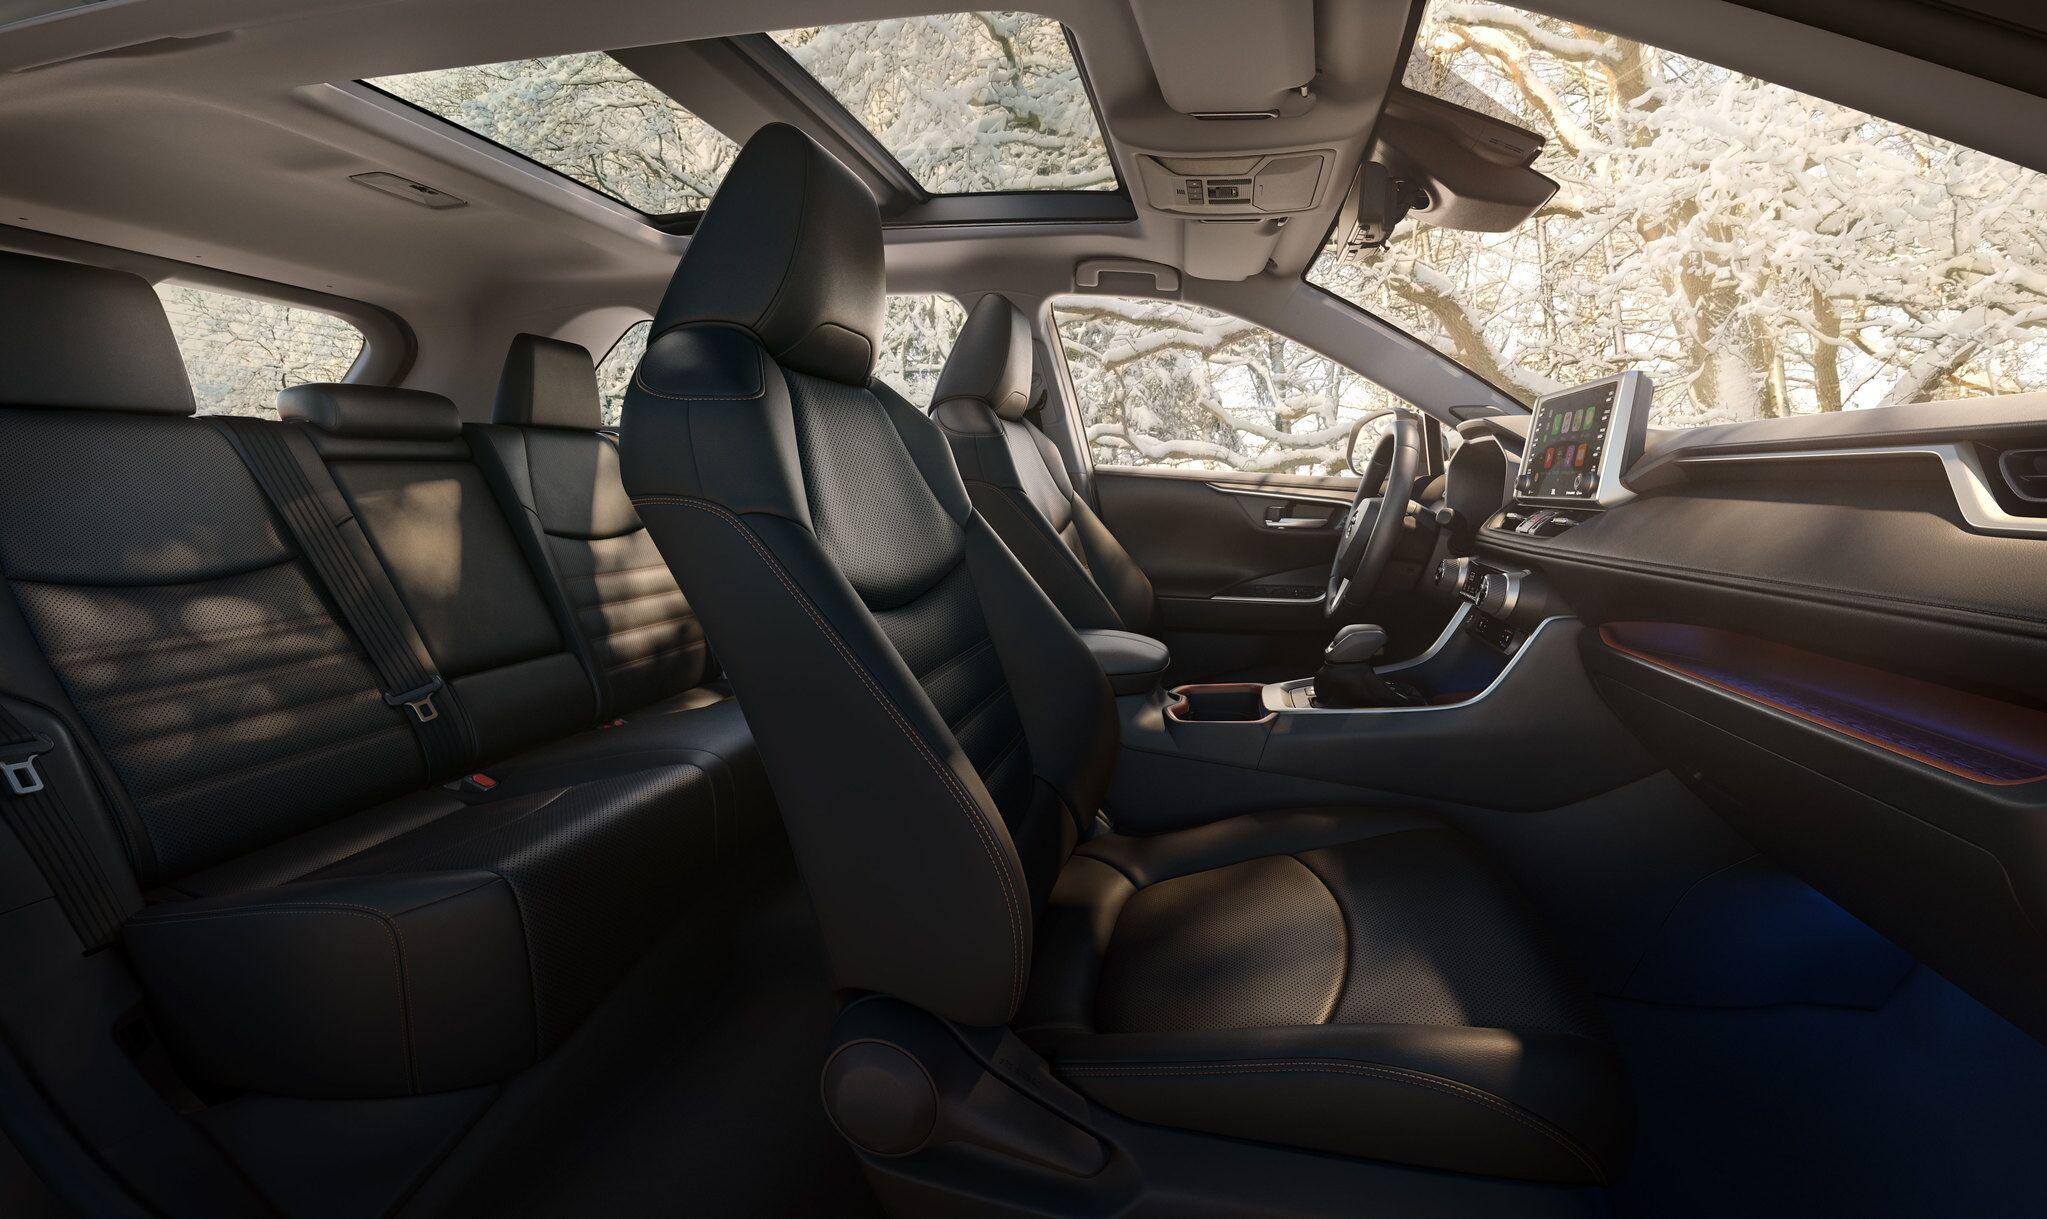 2019 Toyota RAV4 Interior | Harlingen, TX